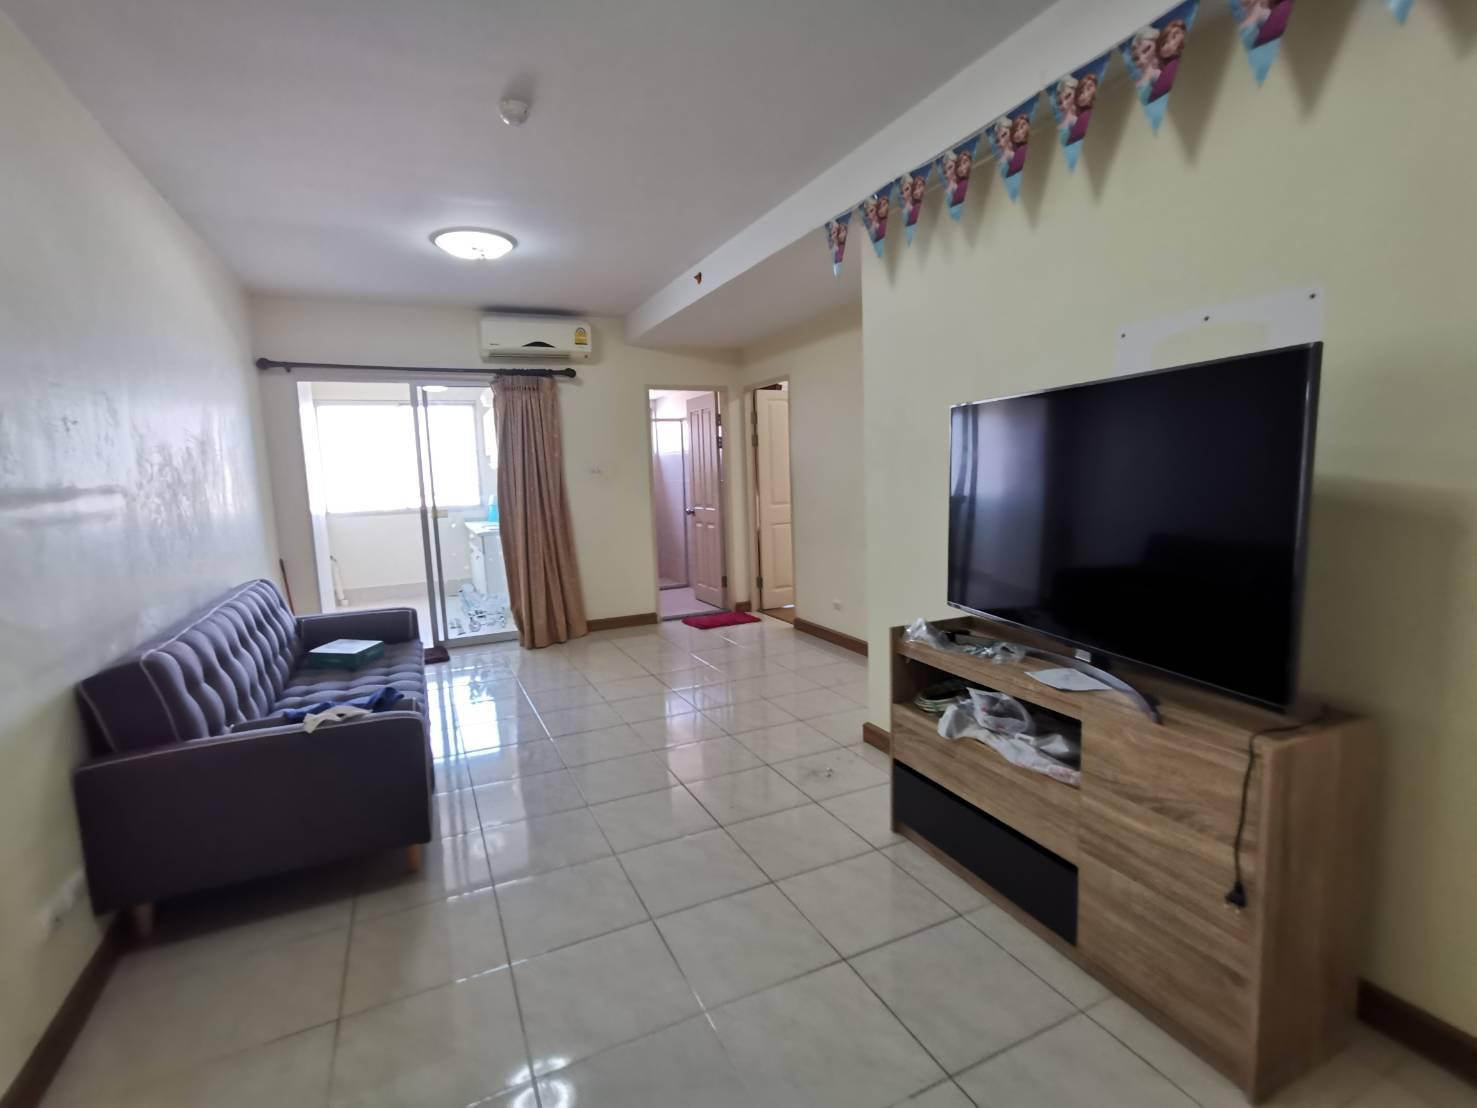 ขาย Supalai Vista condo @ Tiwanon ชั้น 15 วิวเมือง